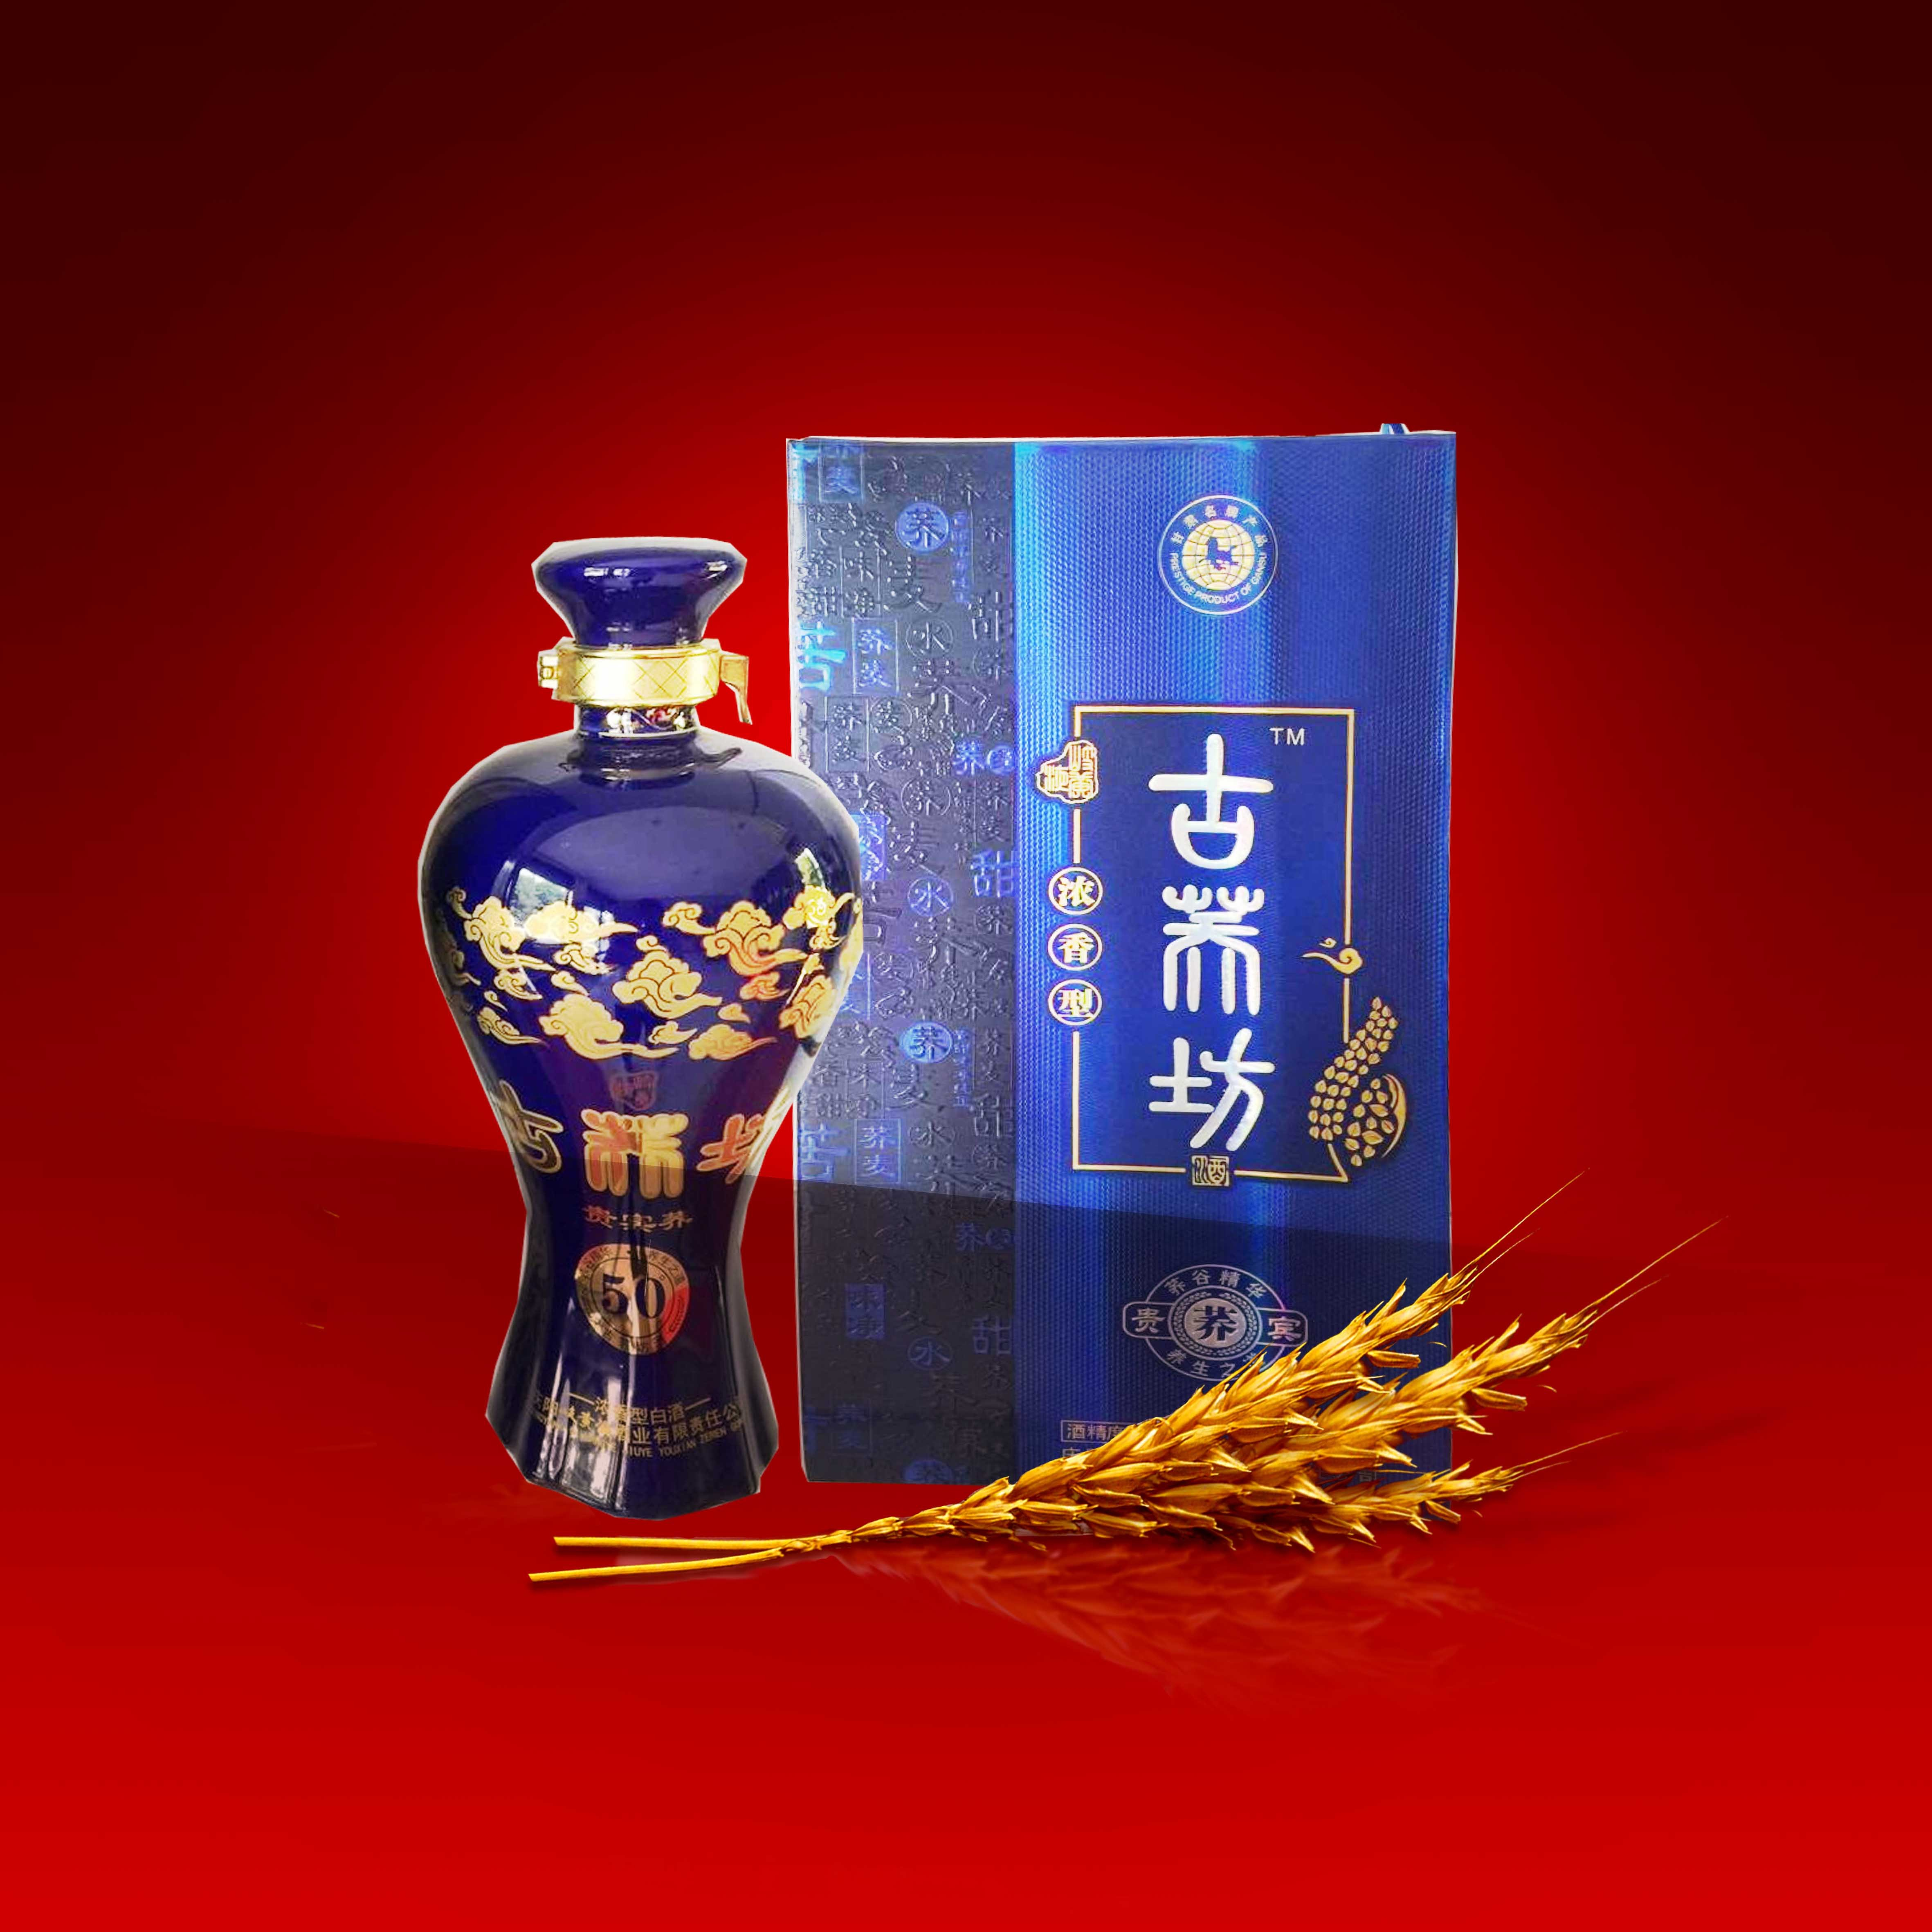 古荞坊 50°贵宾荞500ml浓香型荞麦白酒